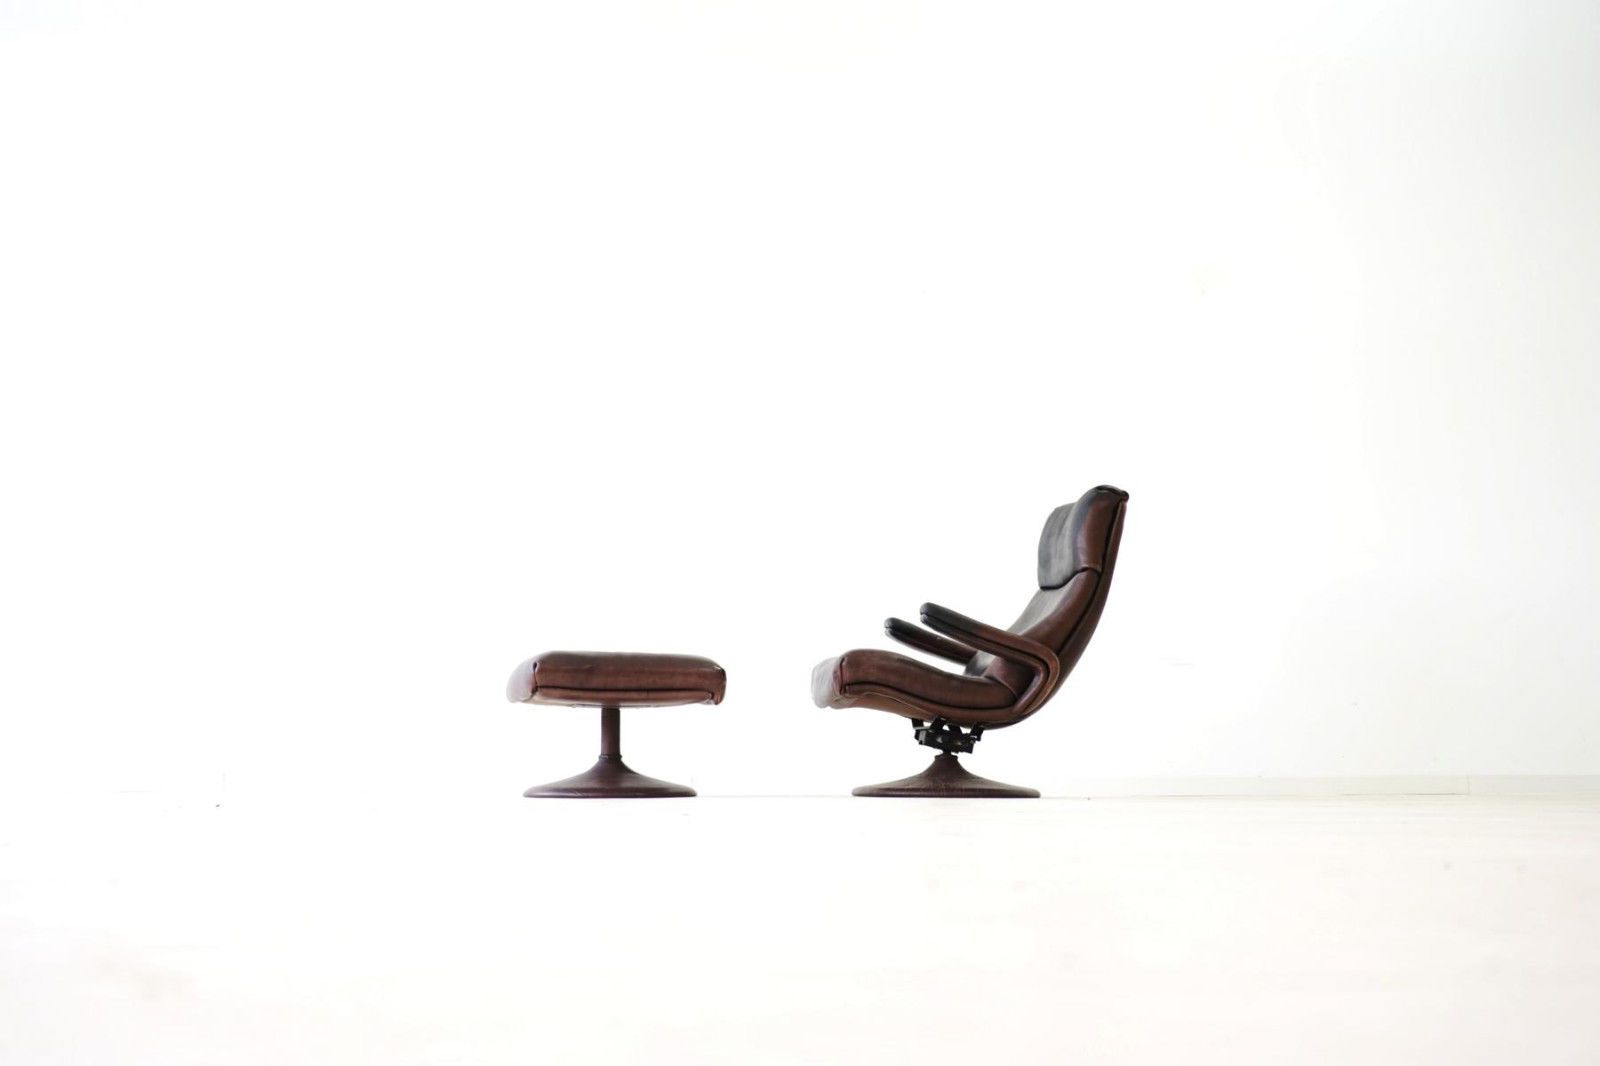 Lese Sessel de sede leder relax lese sessel lounge king chair mit hocker